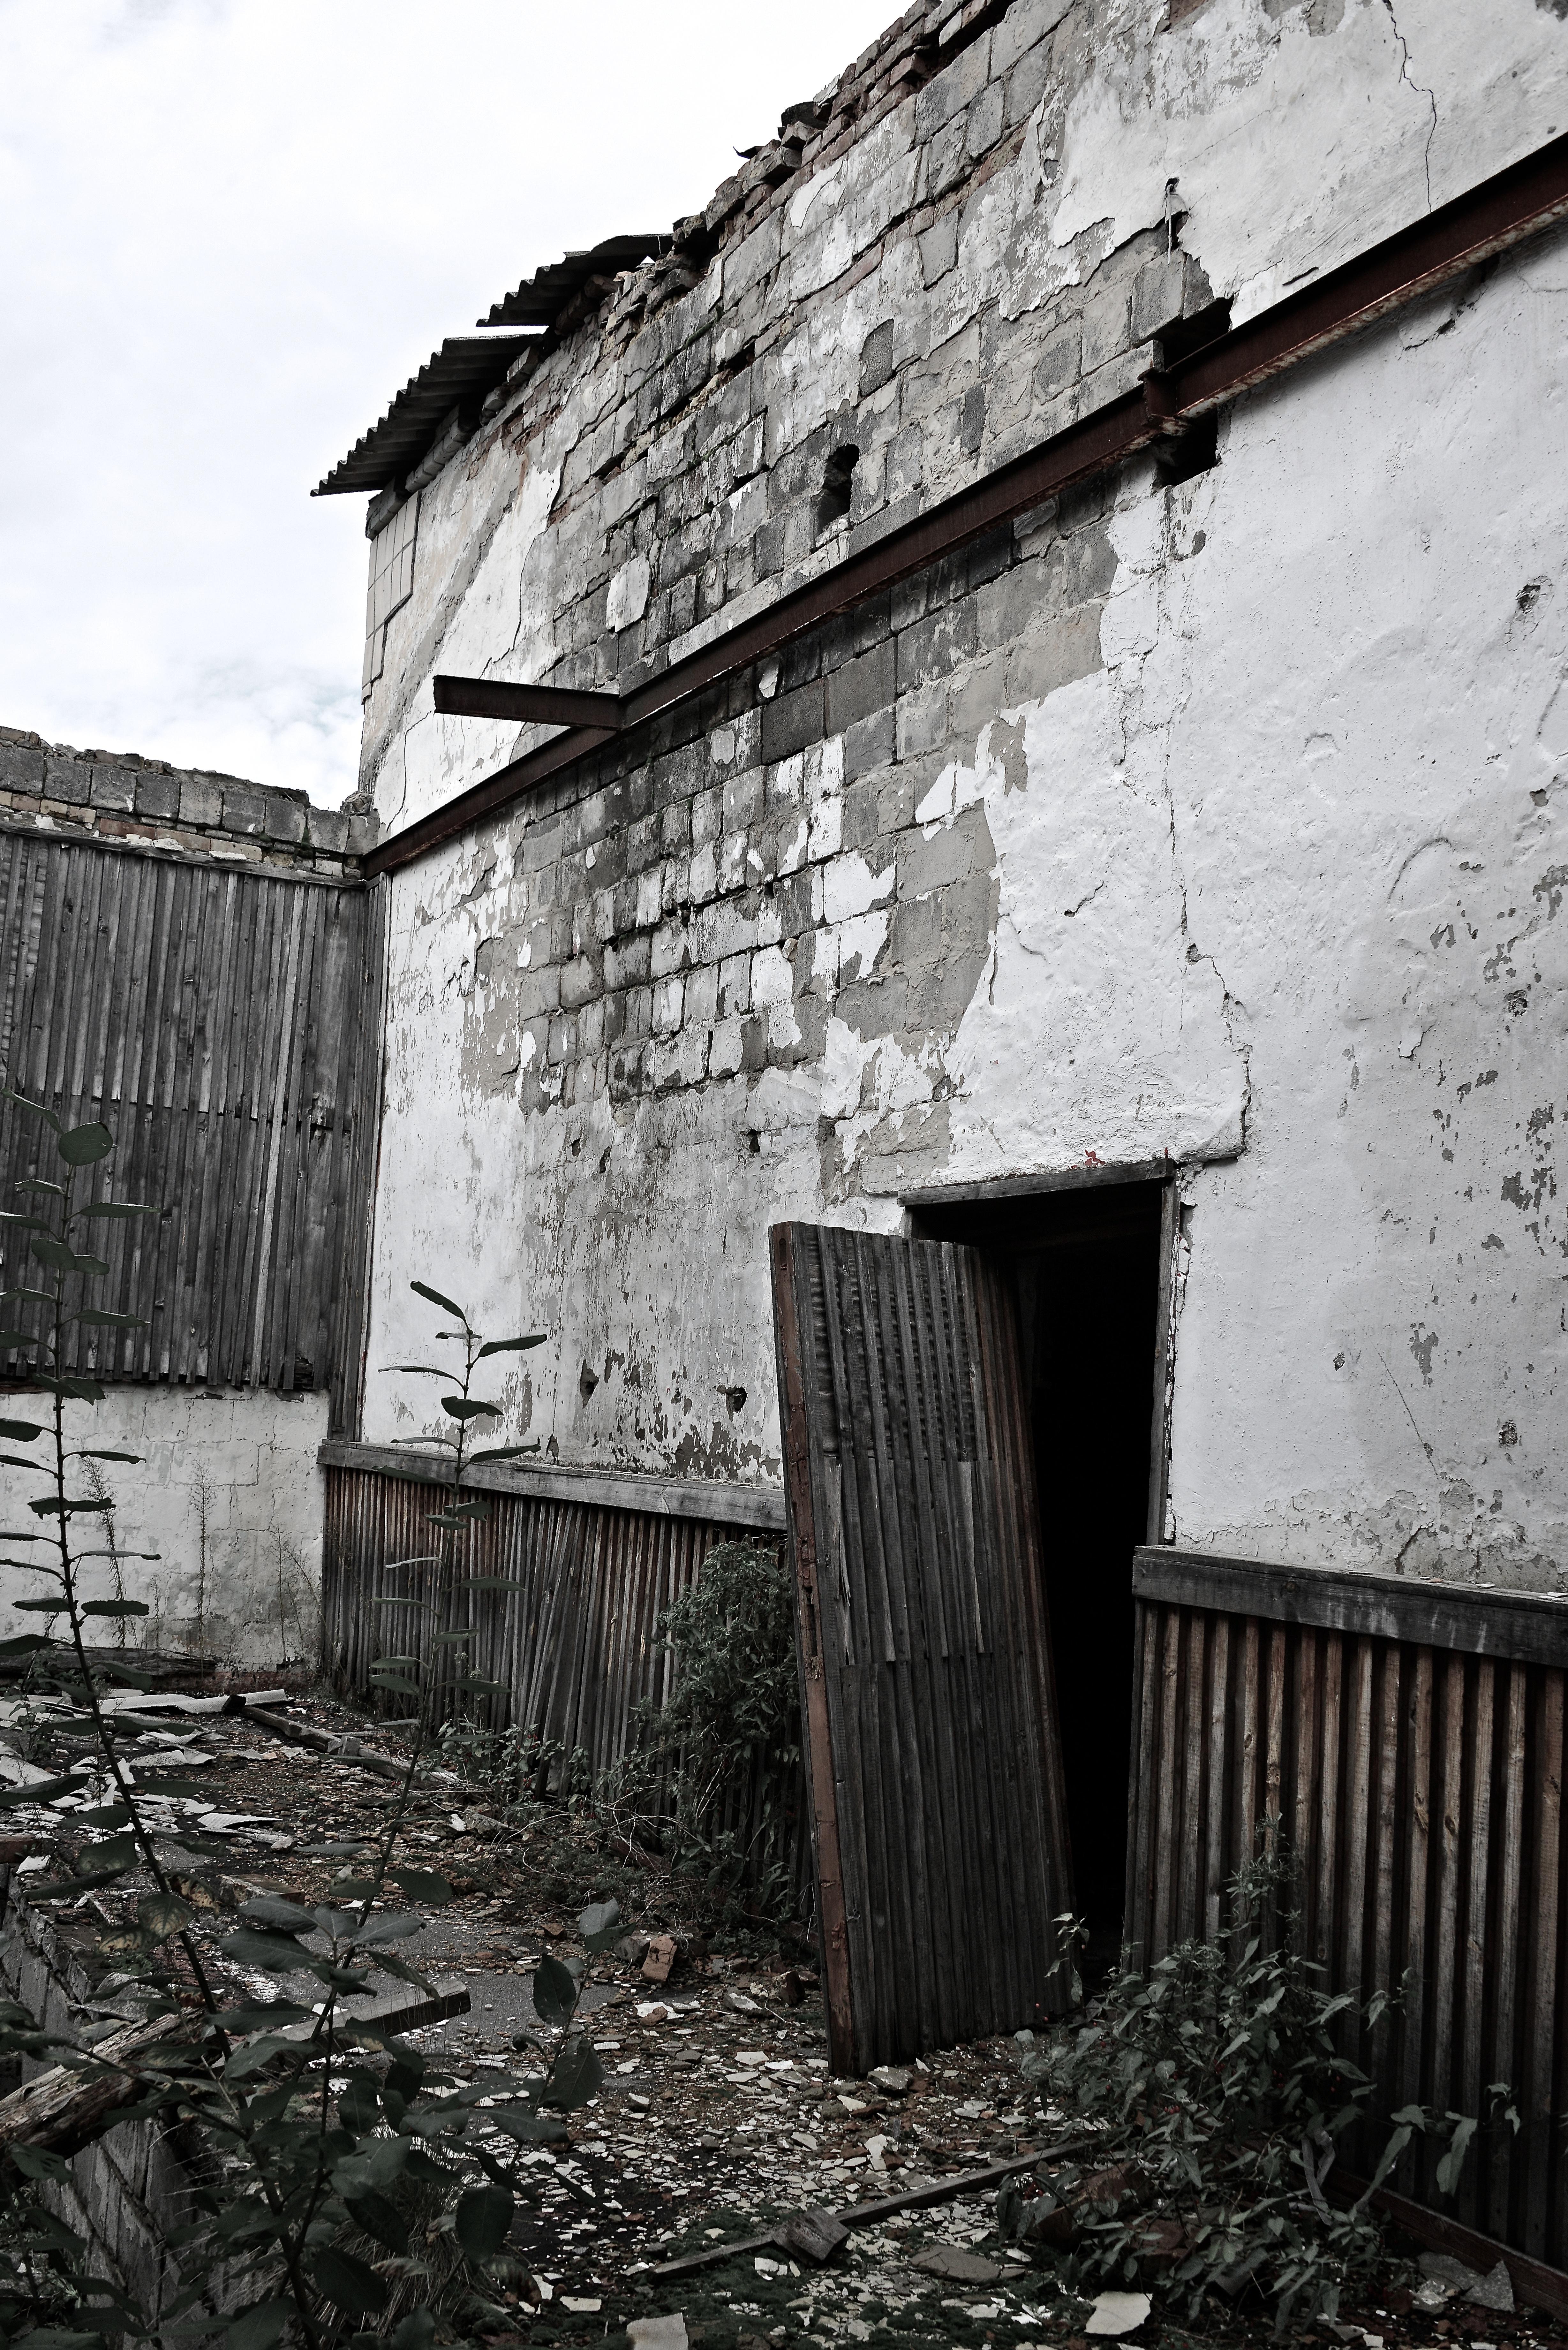 FileAn unhinged door inside the building (10057916325).jpg & File:An unhinged door inside the building (10057916325).jpg ...